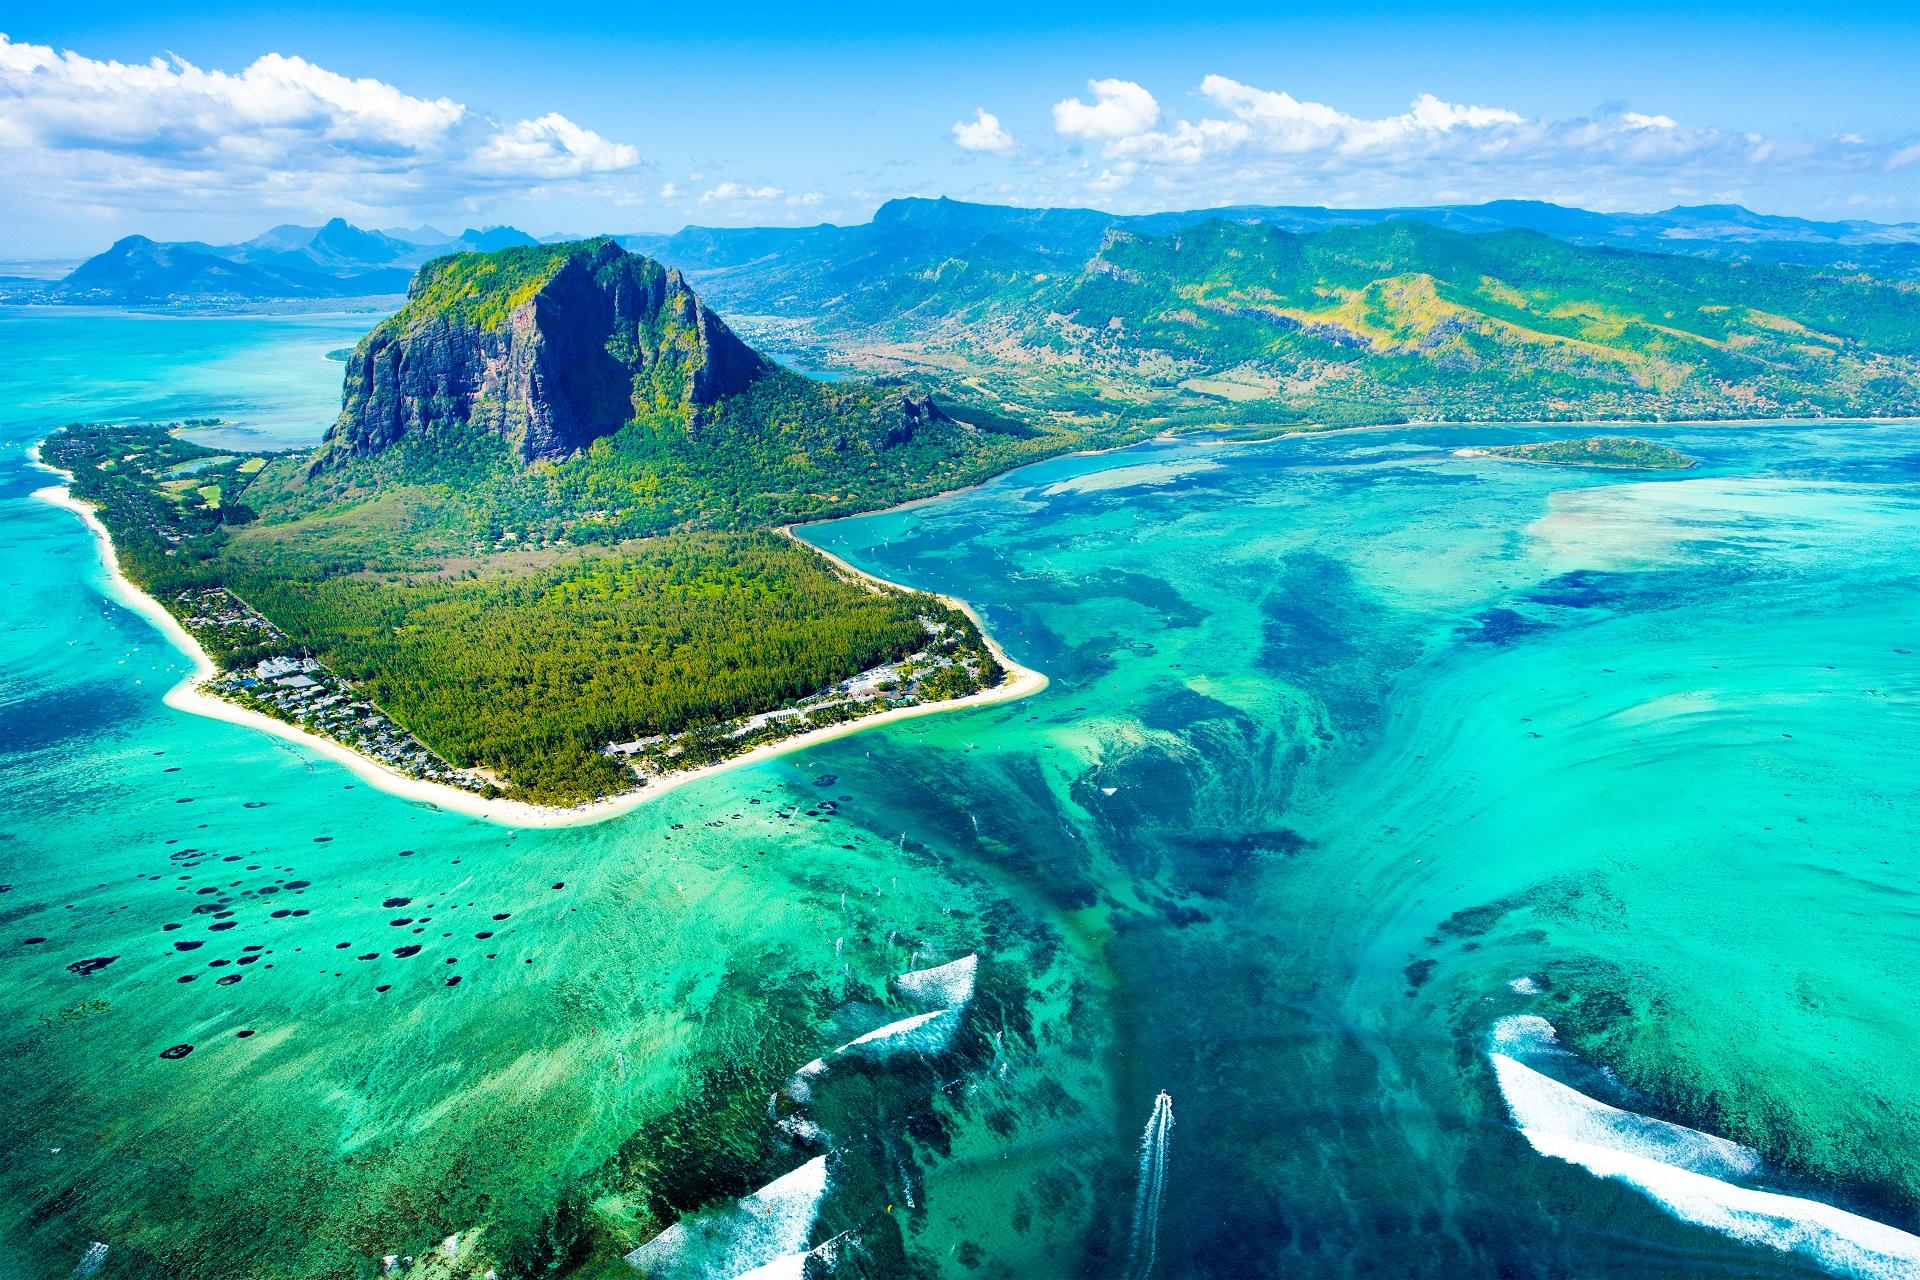 фото подводного водопада на маврикии